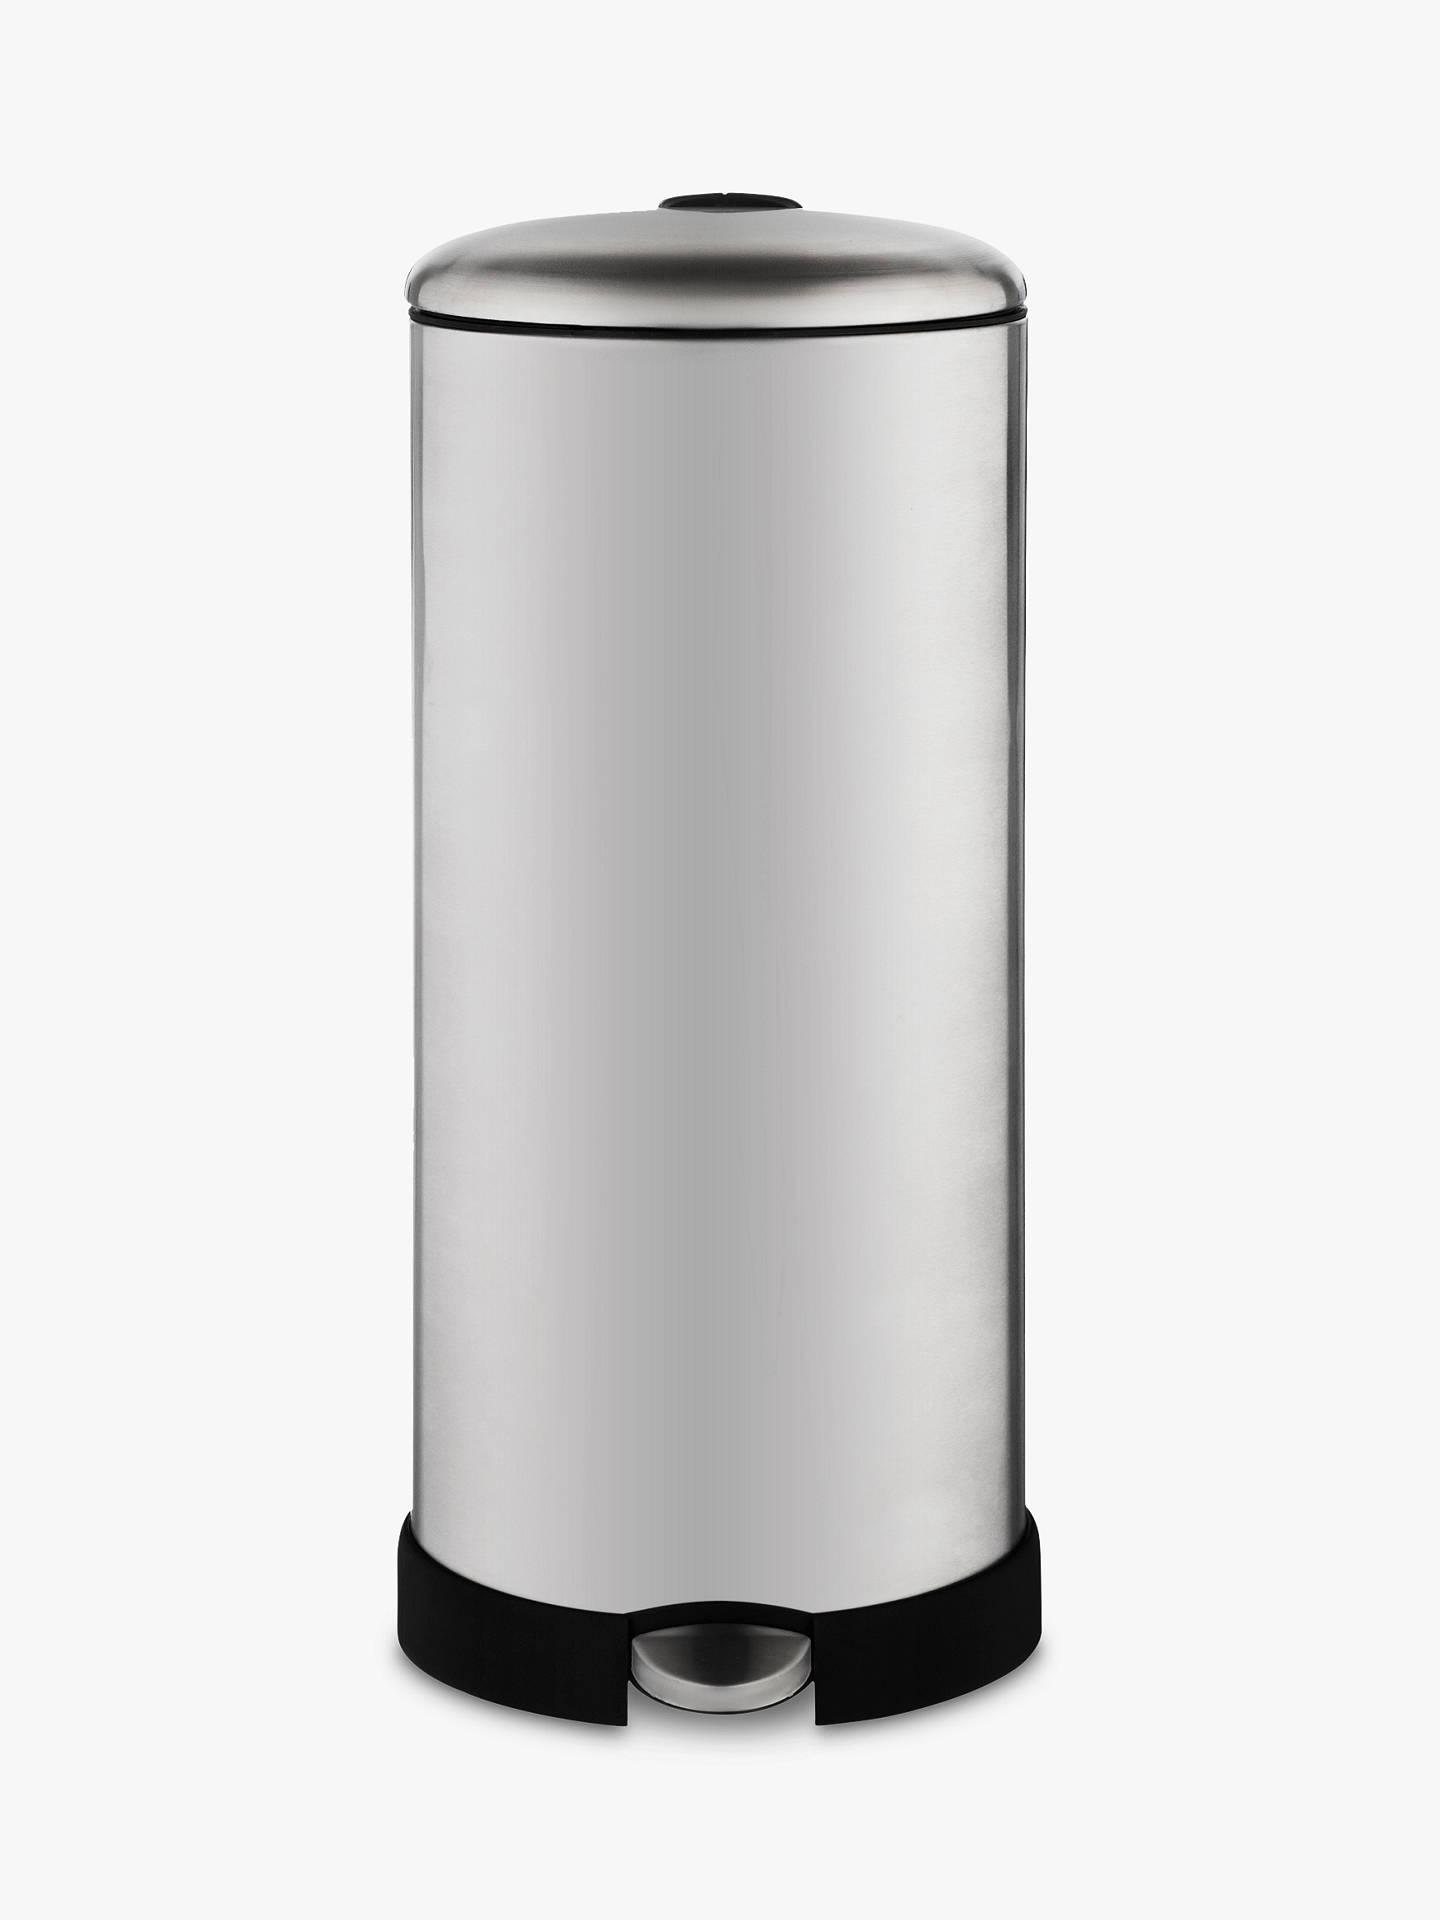 john lewis partners soft close pedal bin brushed steel. Black Bedroom Furniture Sets. Home Design Ideas